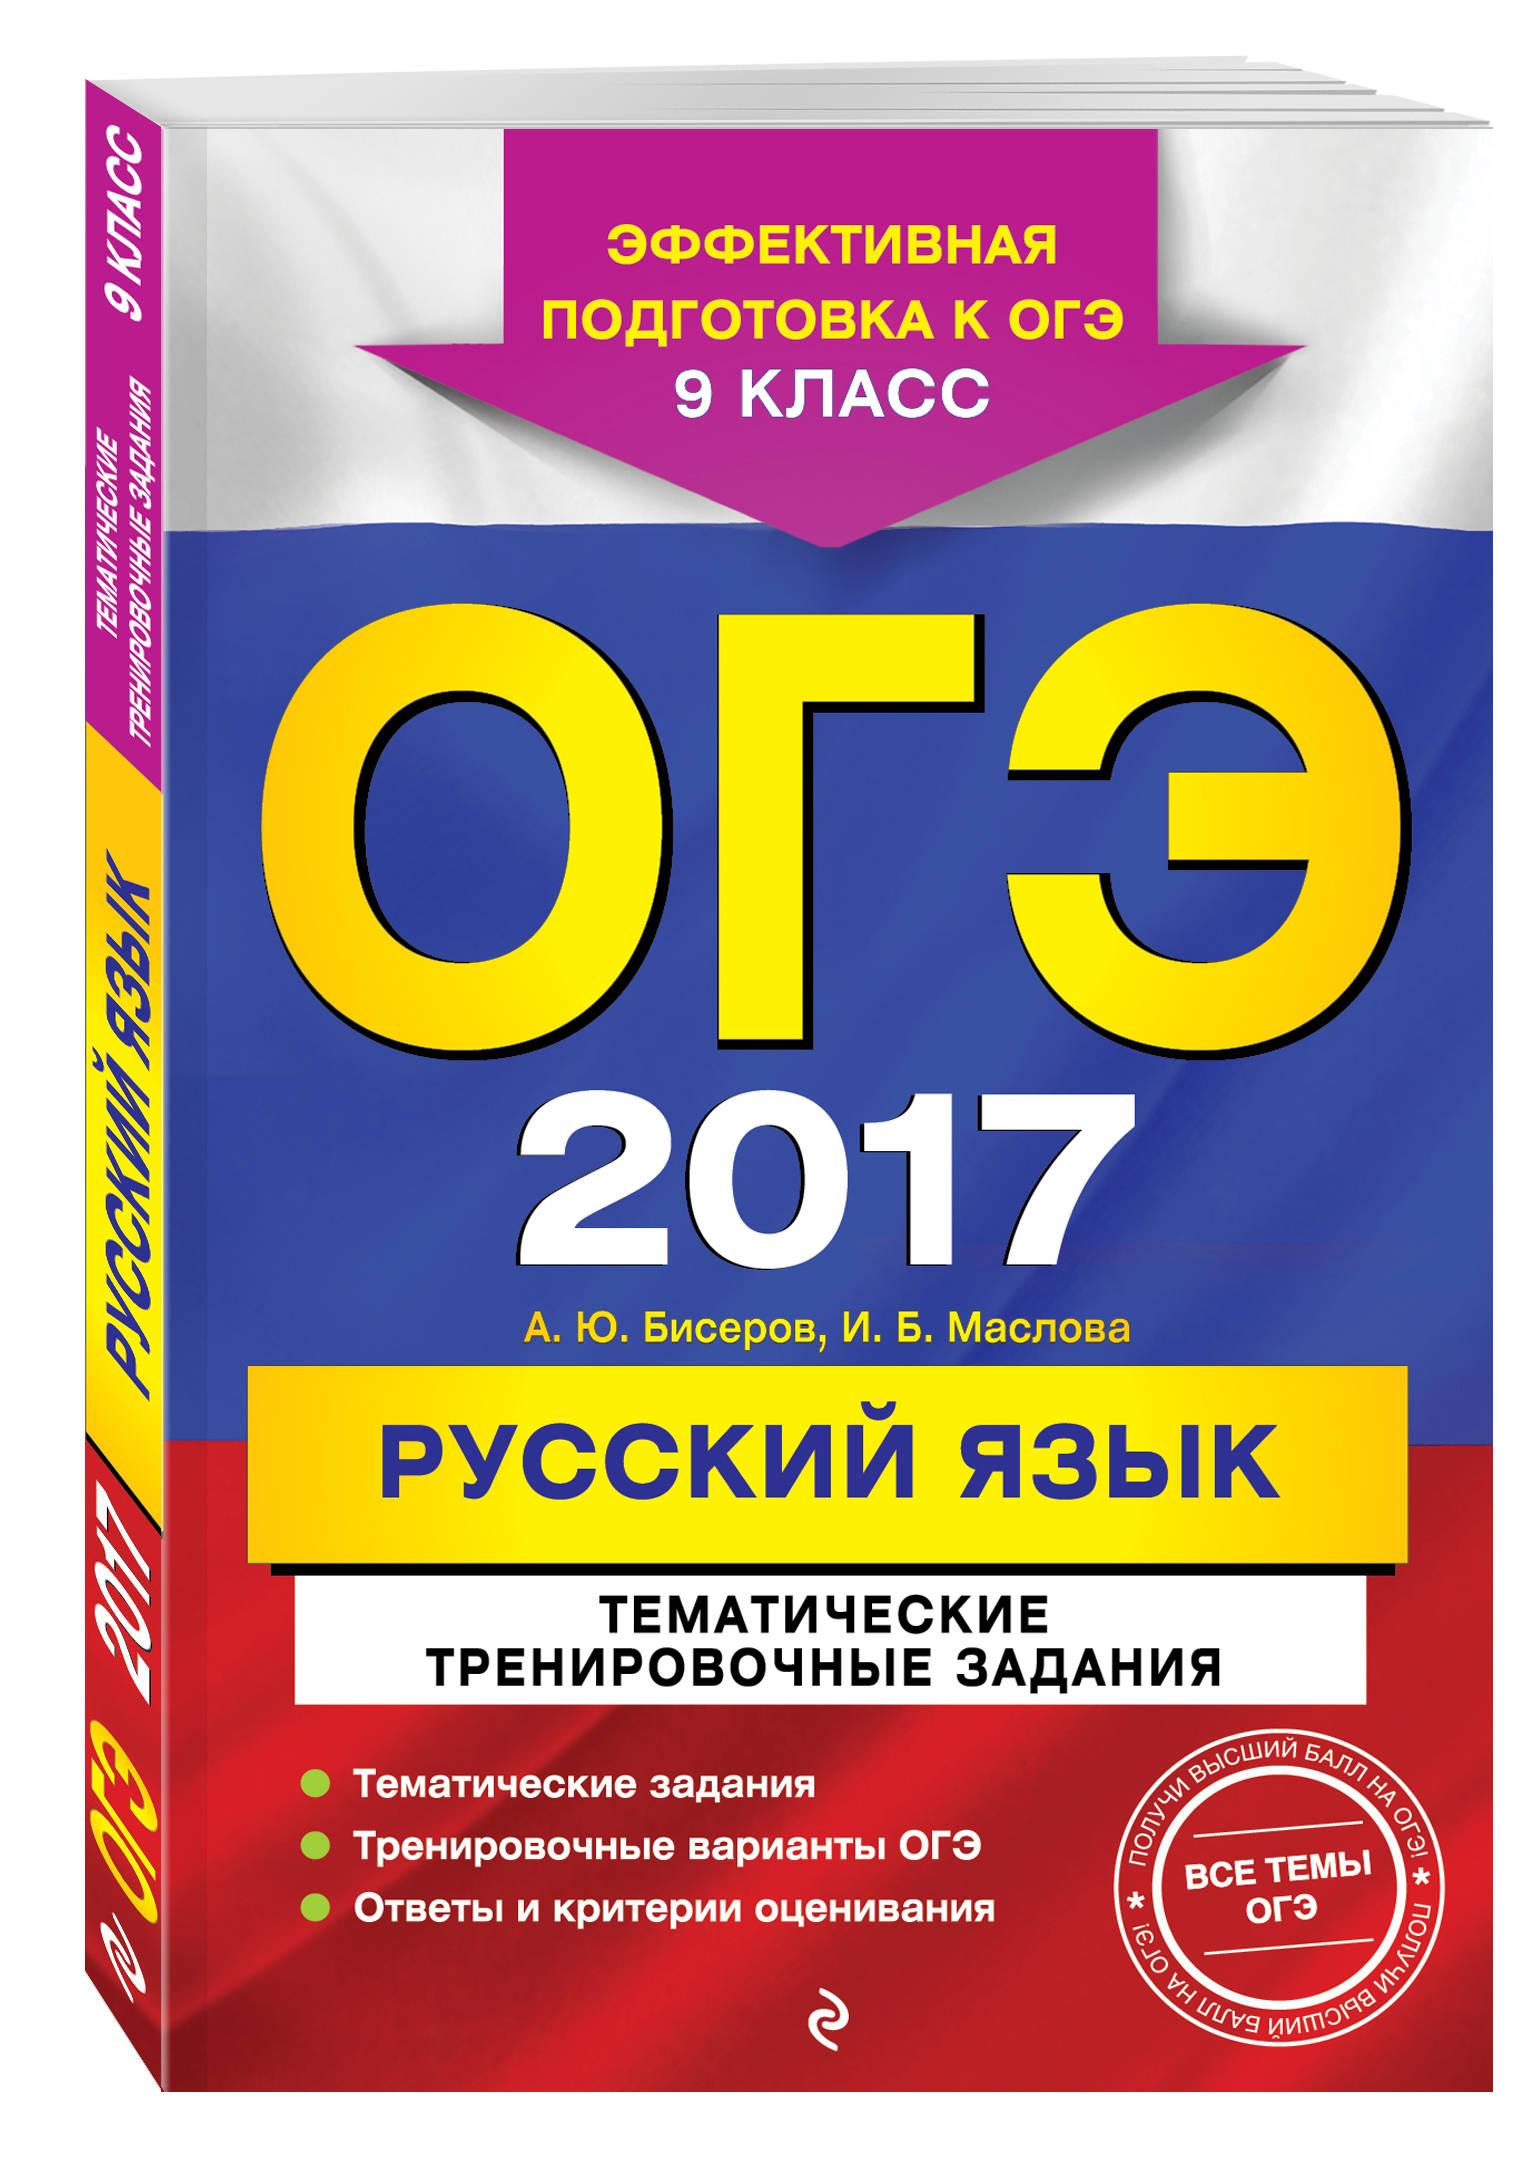 Бисеров А.Ю., Маслова И.Б. ОГЭ-2017. Русский язык. Тематические тренировочные задания. 9 класс